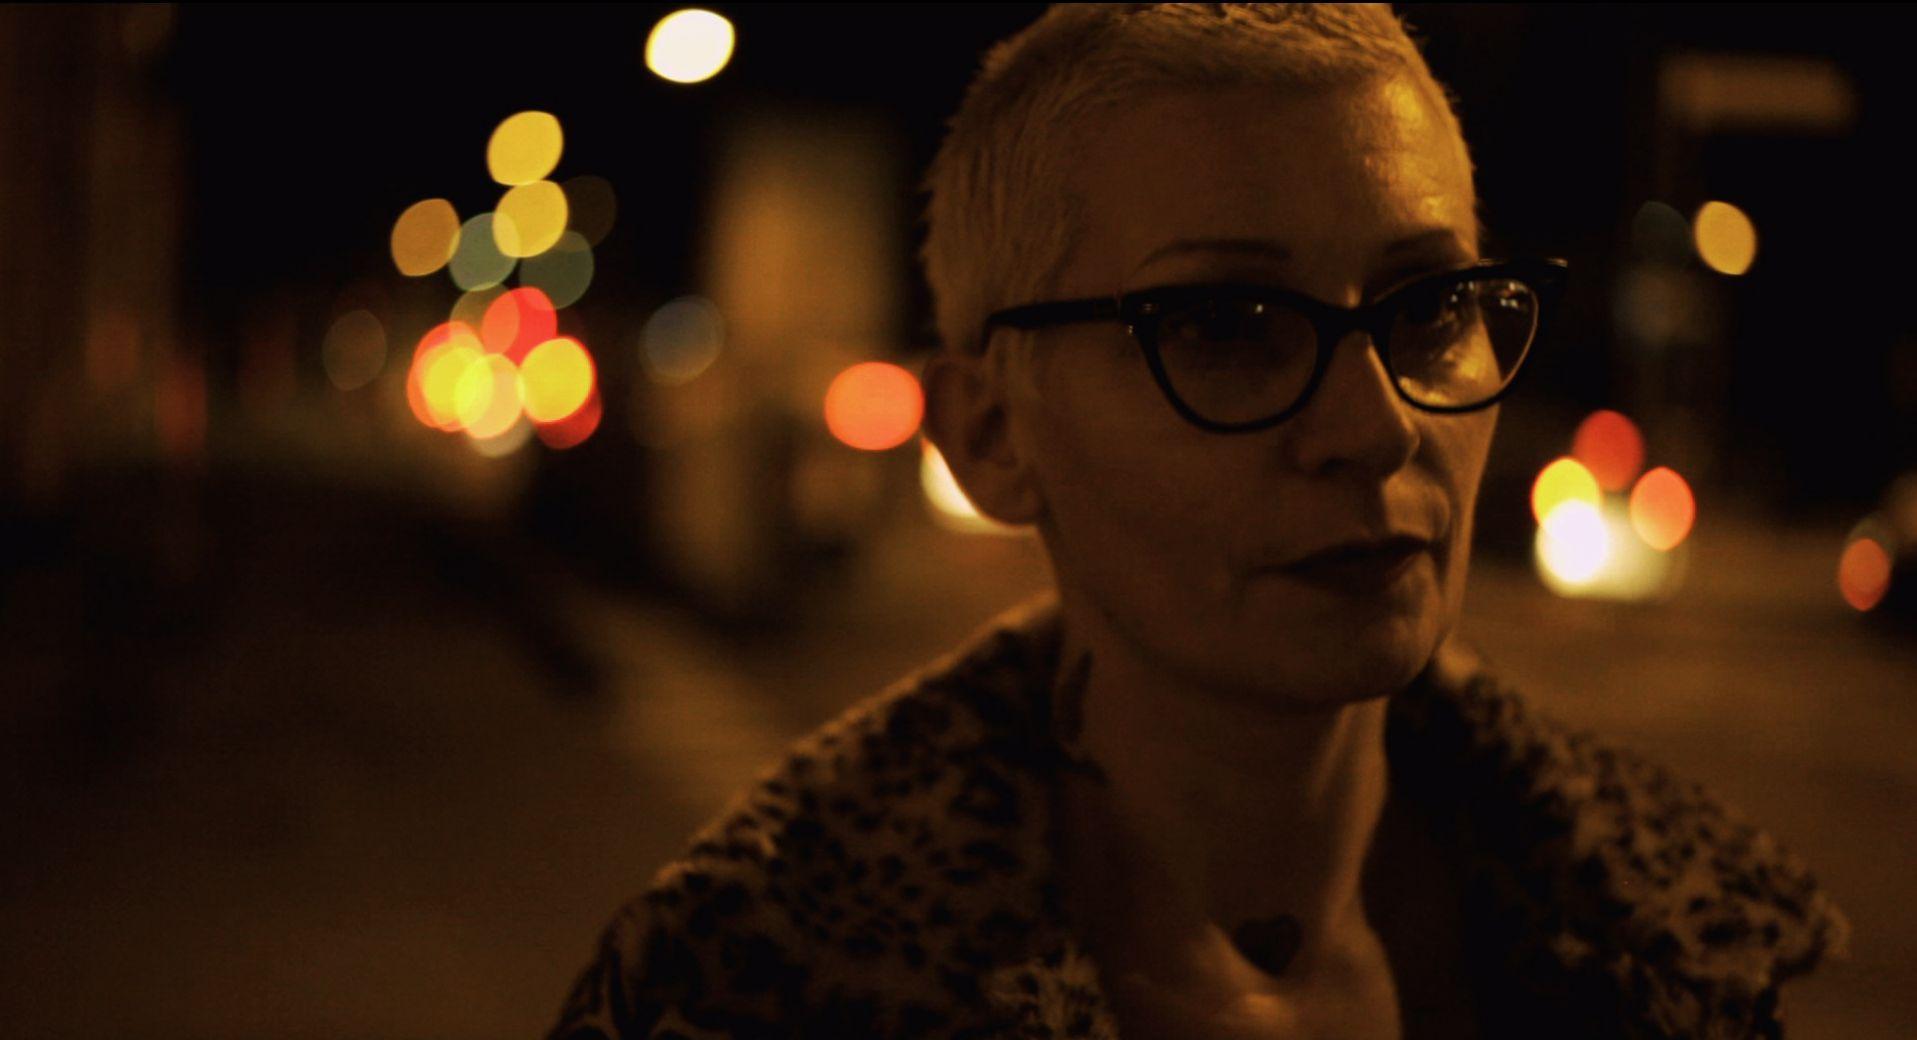 Qualcosa di noi: la protagonista del documentario Jana in una scena